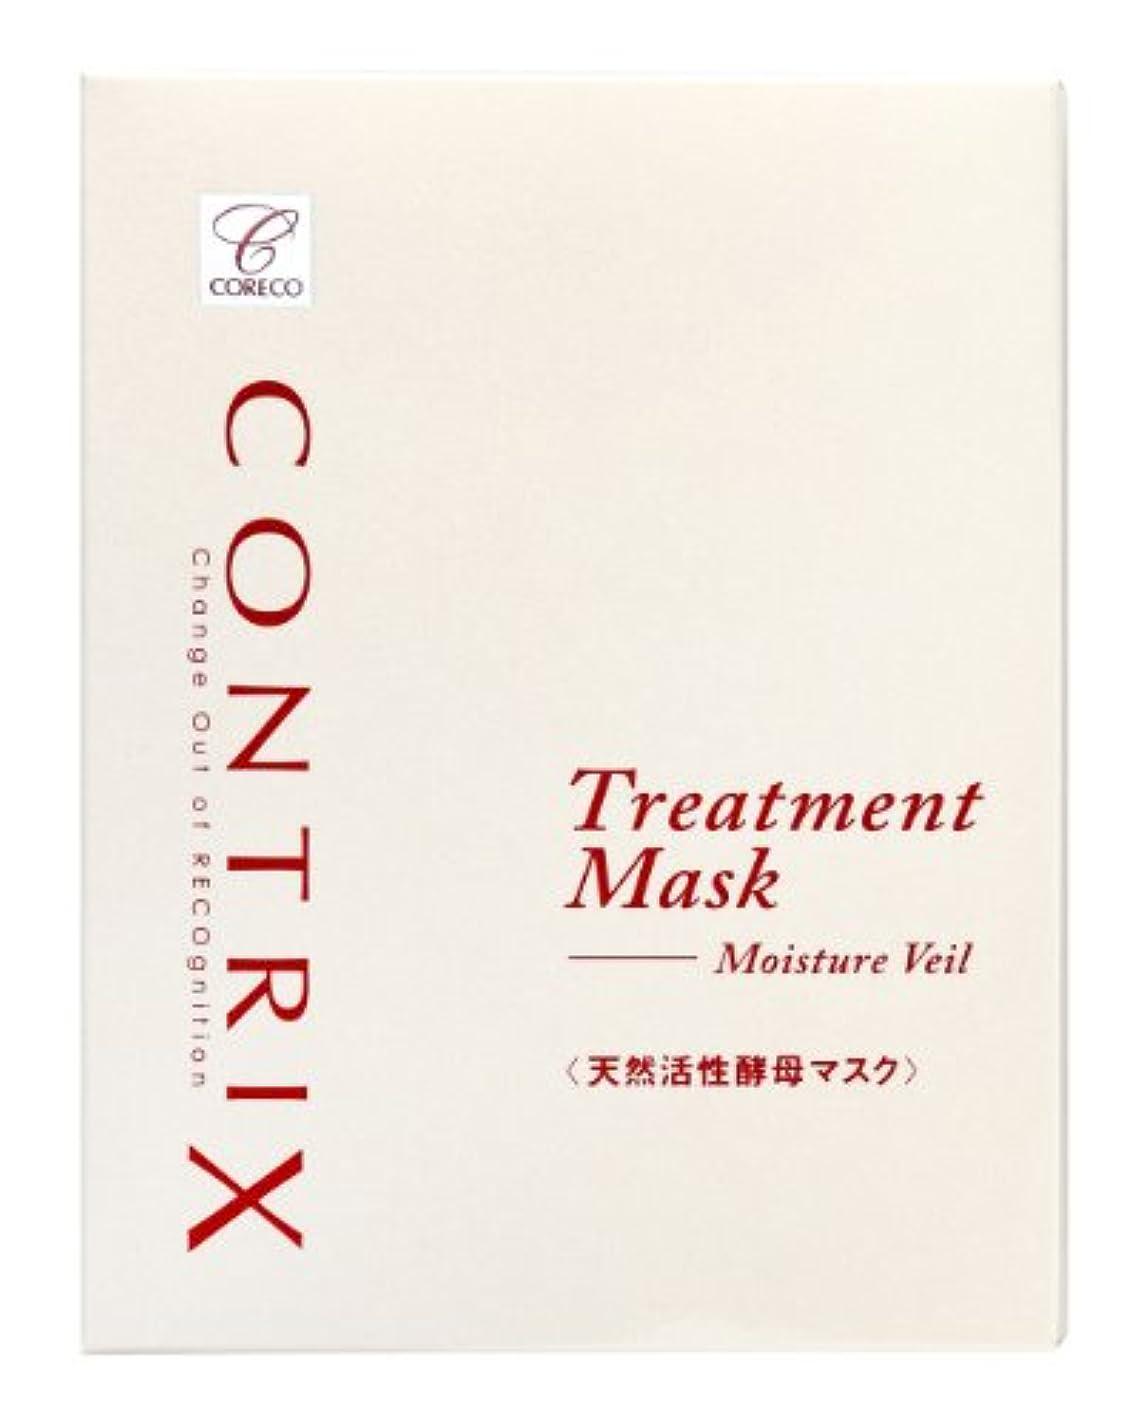 ブラザー雇用者せっかちコレコ コントリックス トリートメントマスク(5枚入)